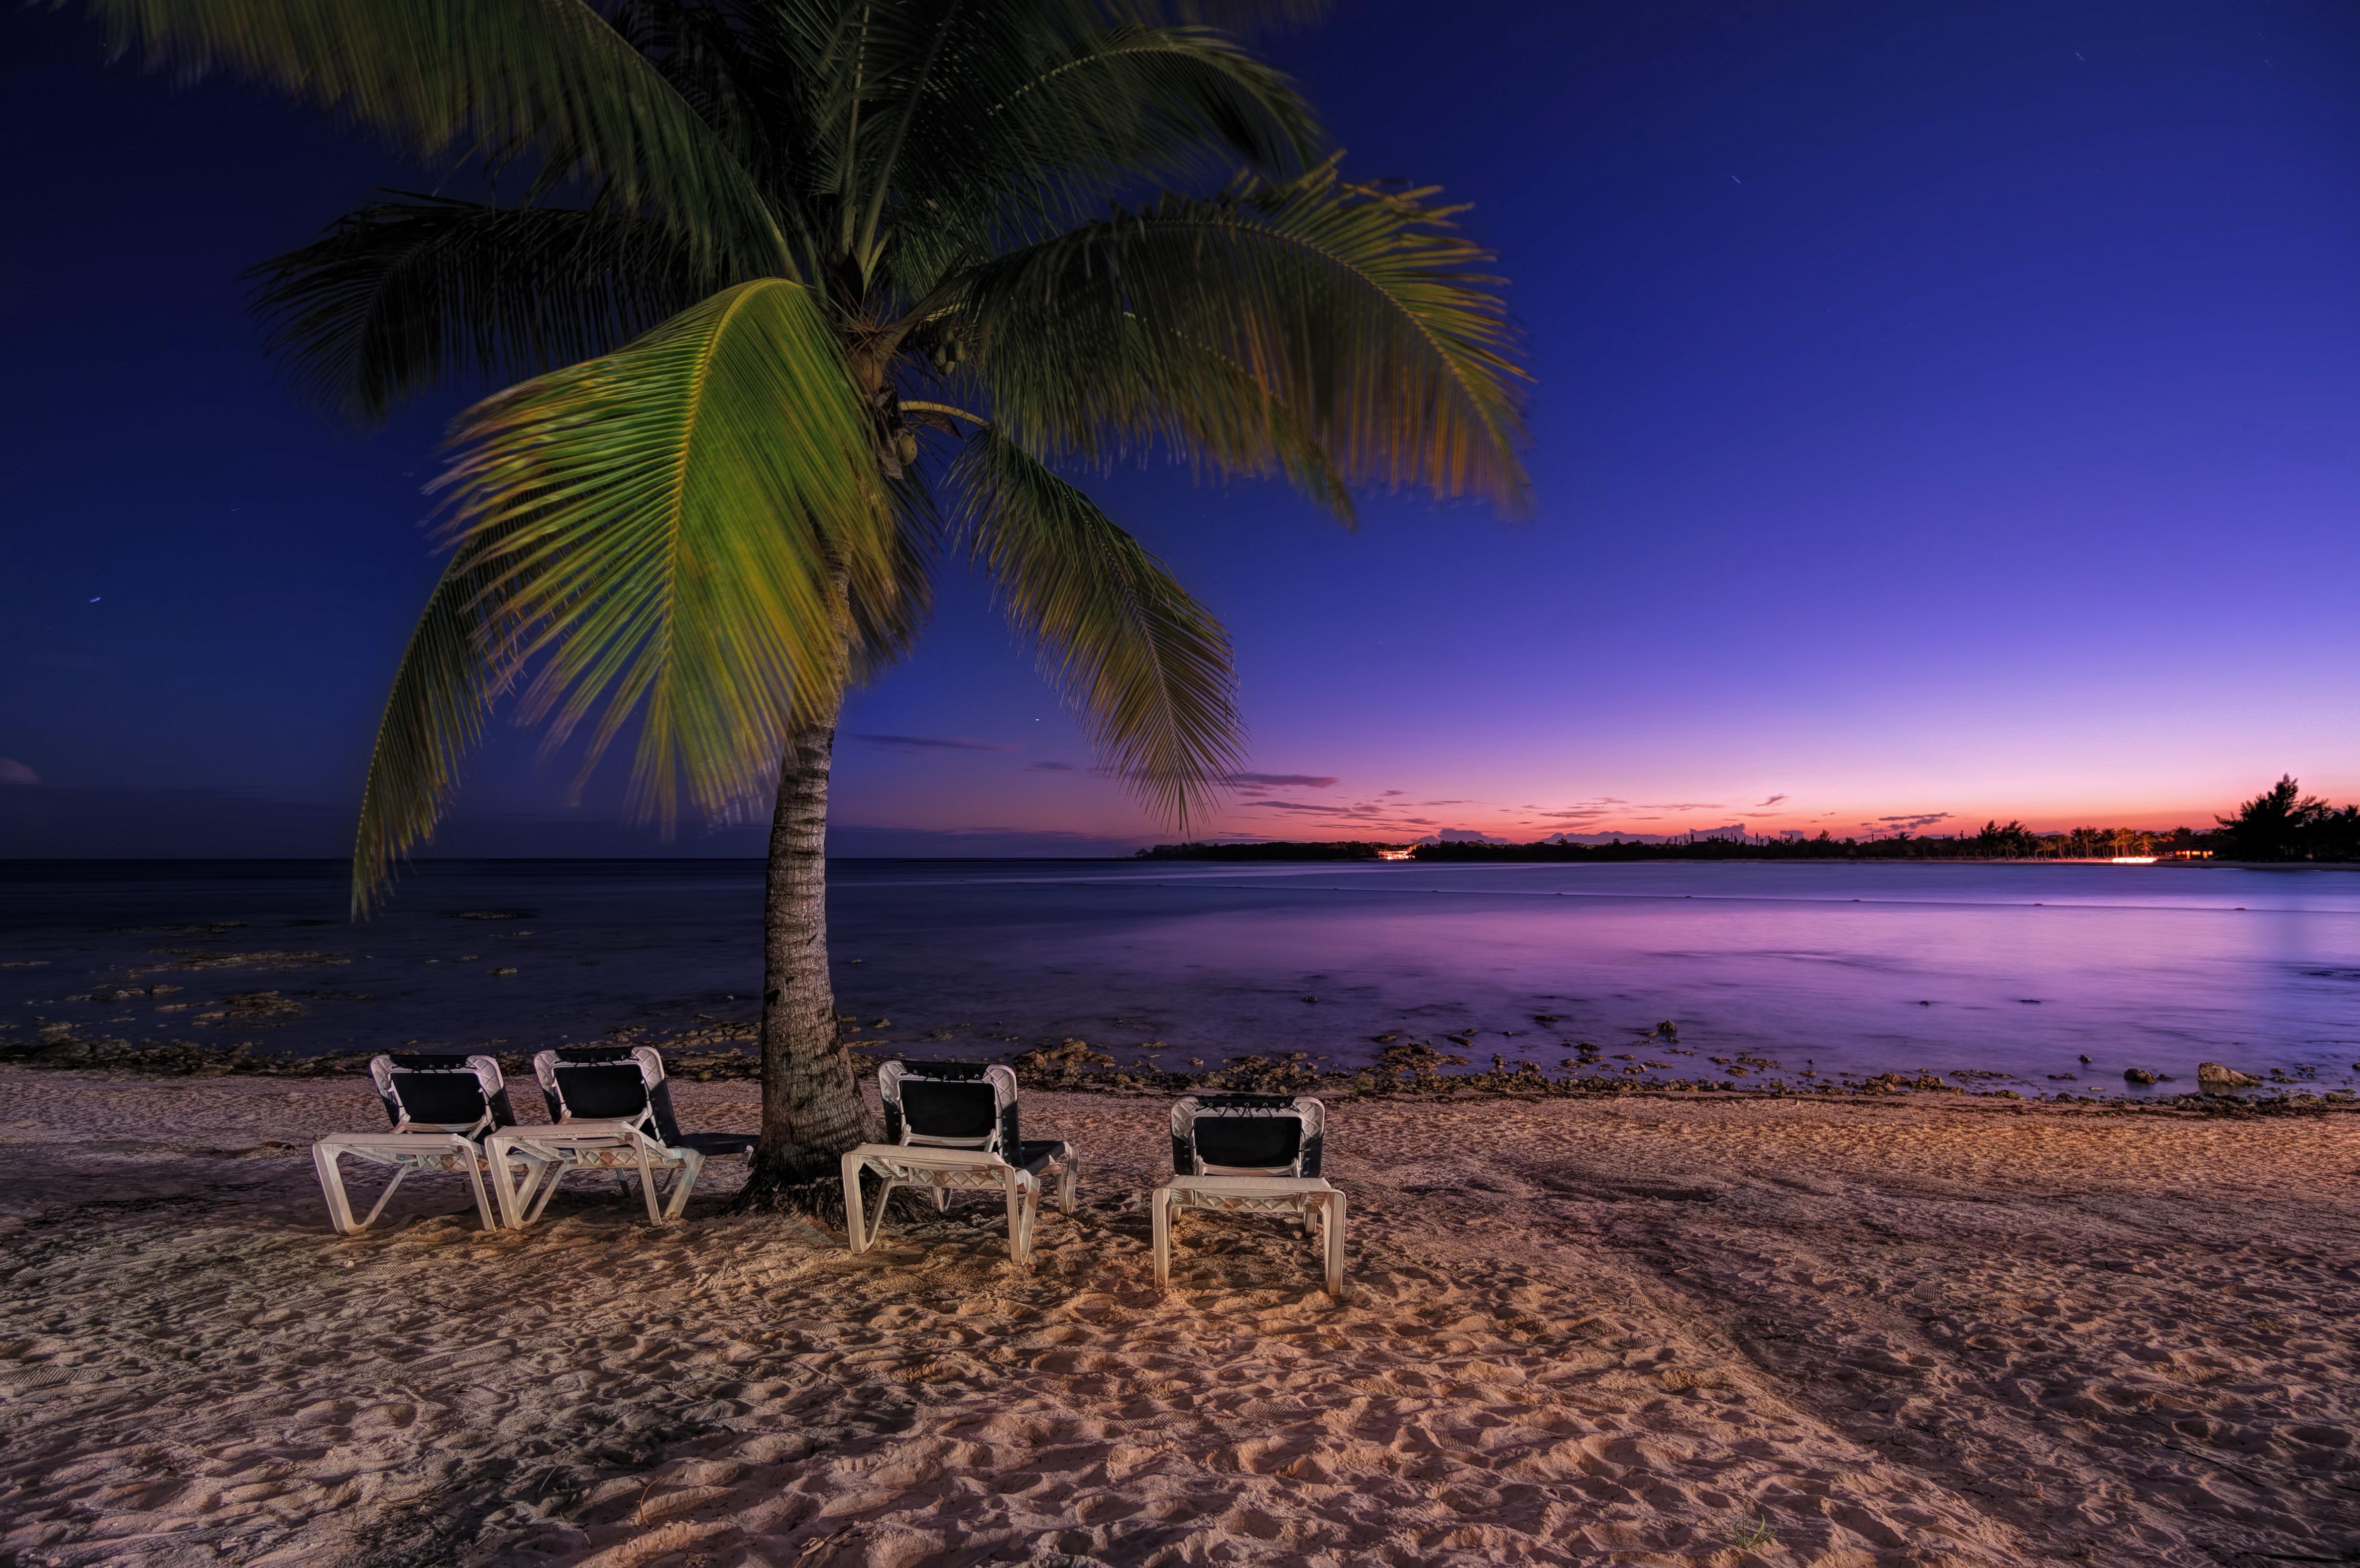 картинки море пляж ночь общей идеей дизайна